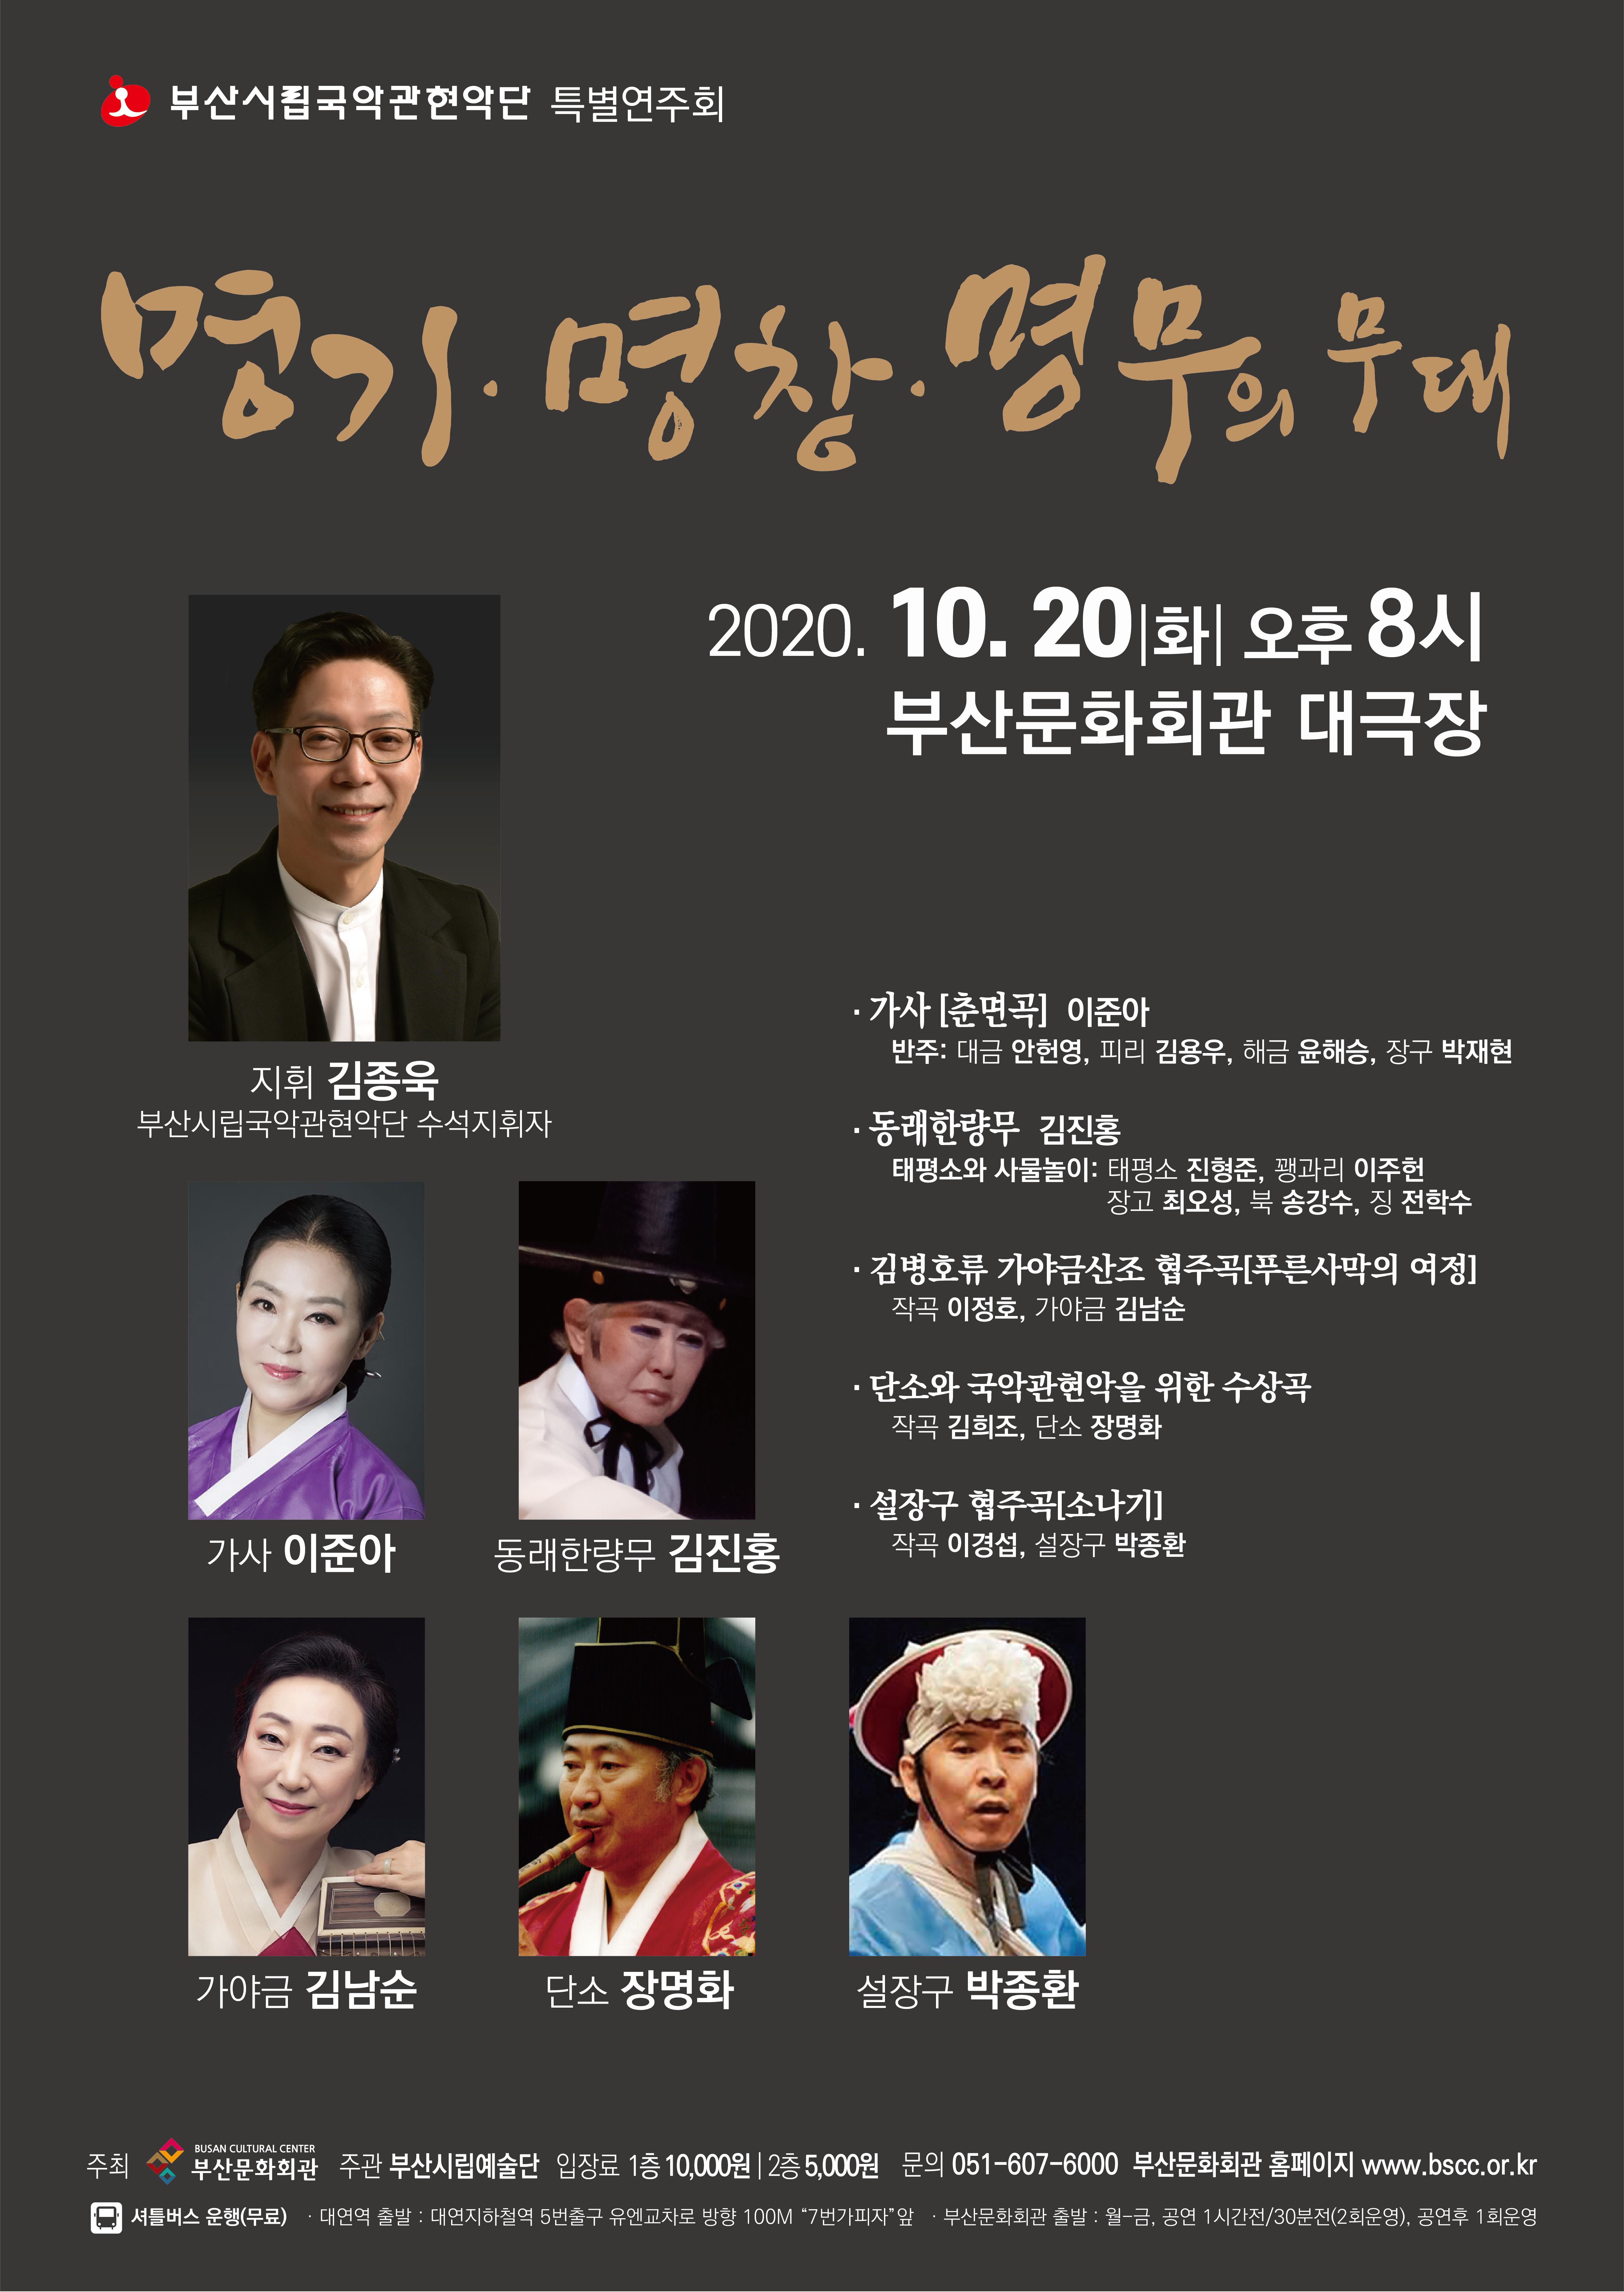 부산시립국악관현악단 특별연주회 명기. 명창. 명무의 무대